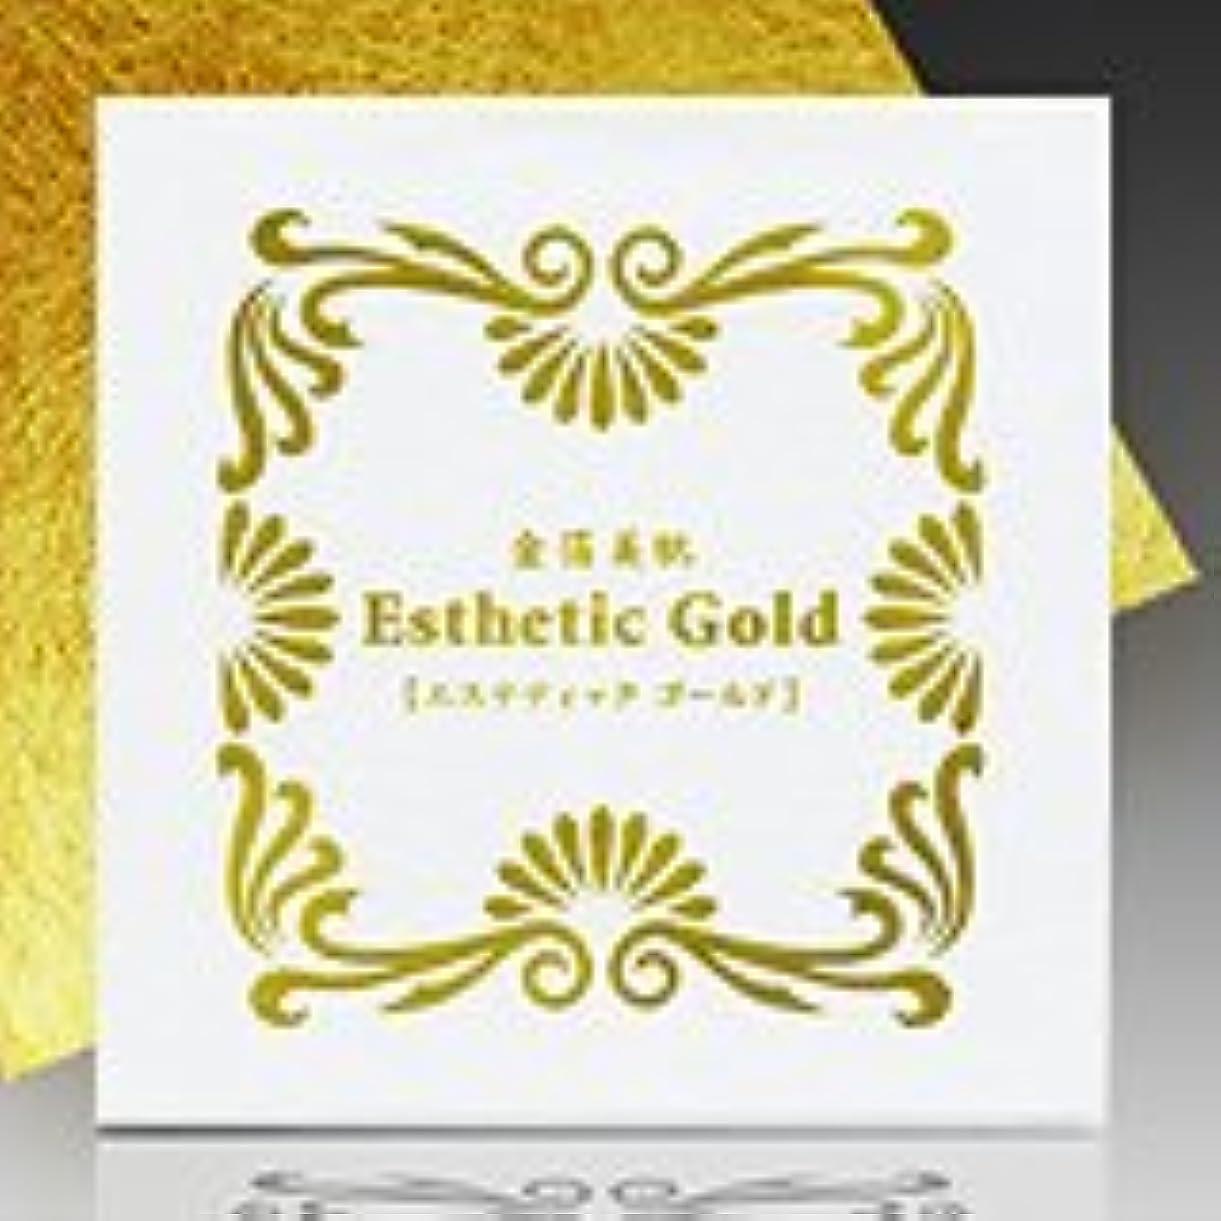 単に重要異なる【金箔 美肌】エステティック ゴールド 24K-10枚入【日本製】